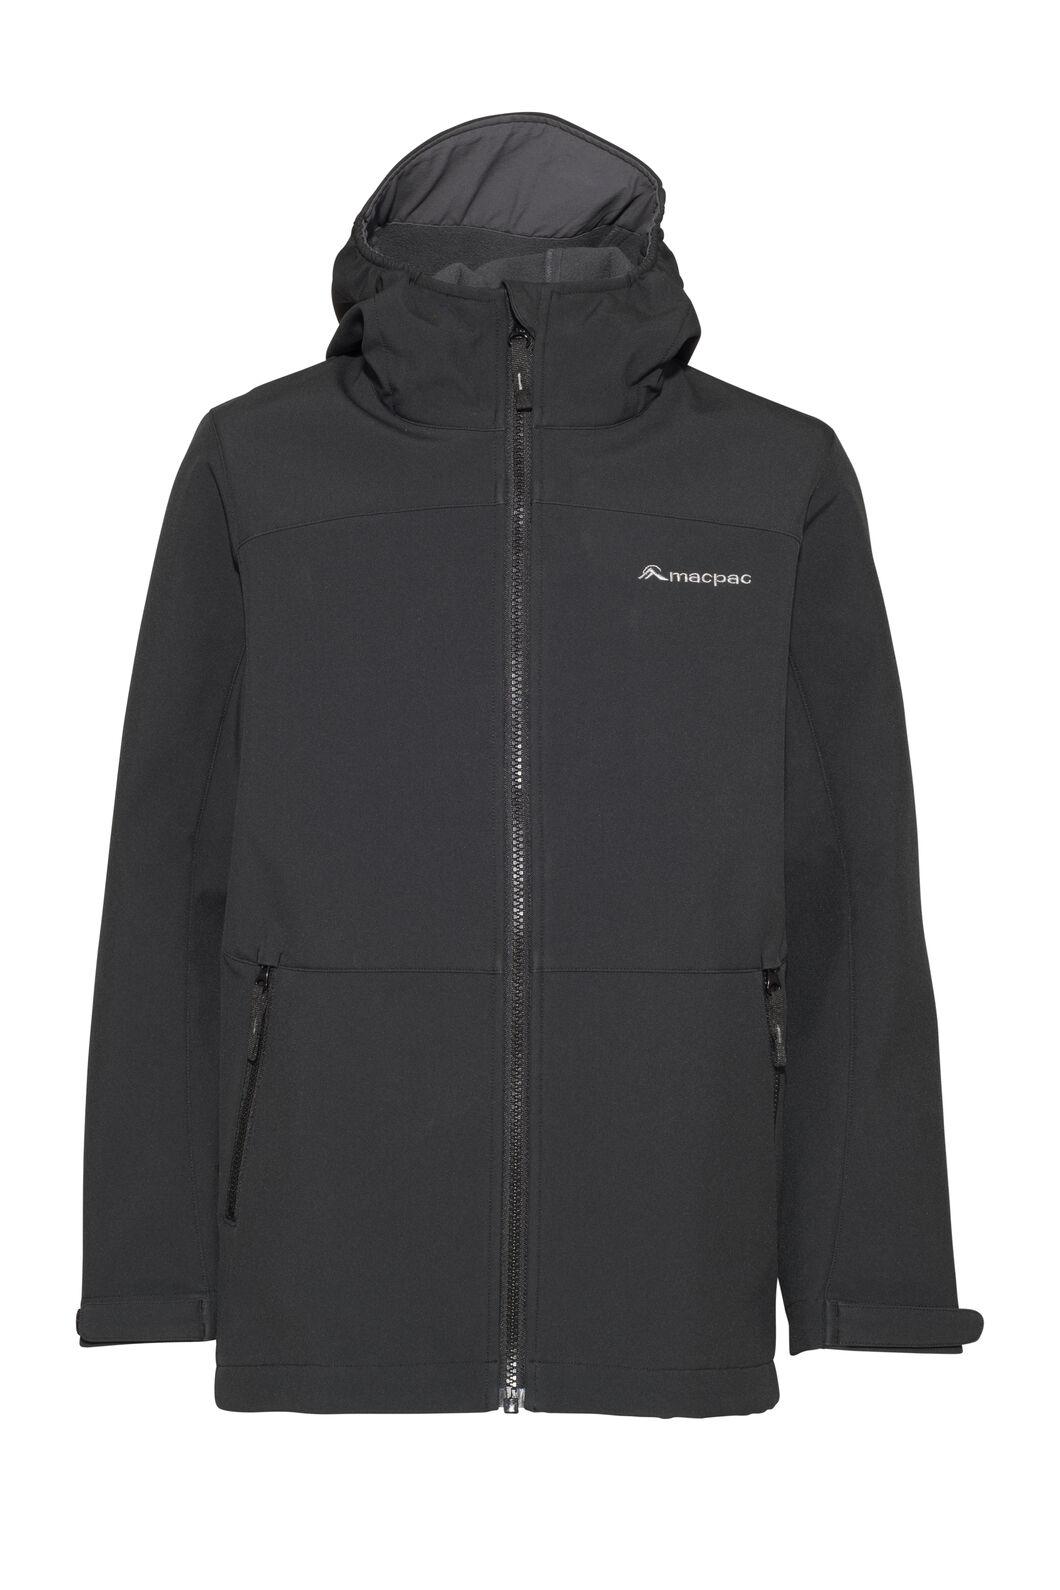 Macpac Sabre Hooded Jacket — Kids', Black, hi-res